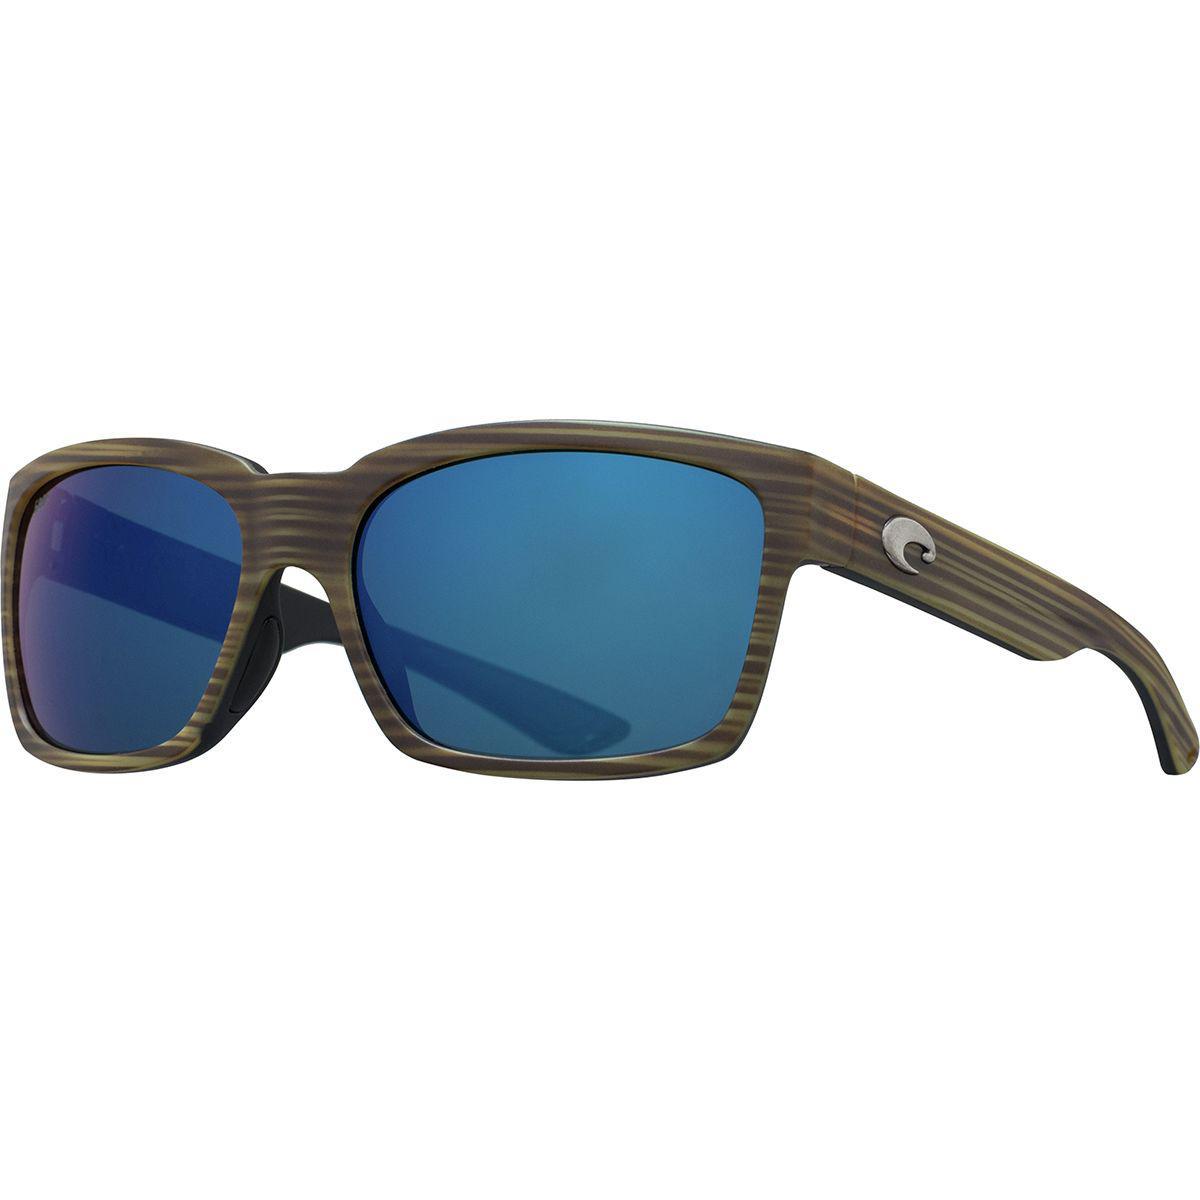 ffc8ae6d3 Lyst - Roka Cp-1x Sunglasses in Blue for Men